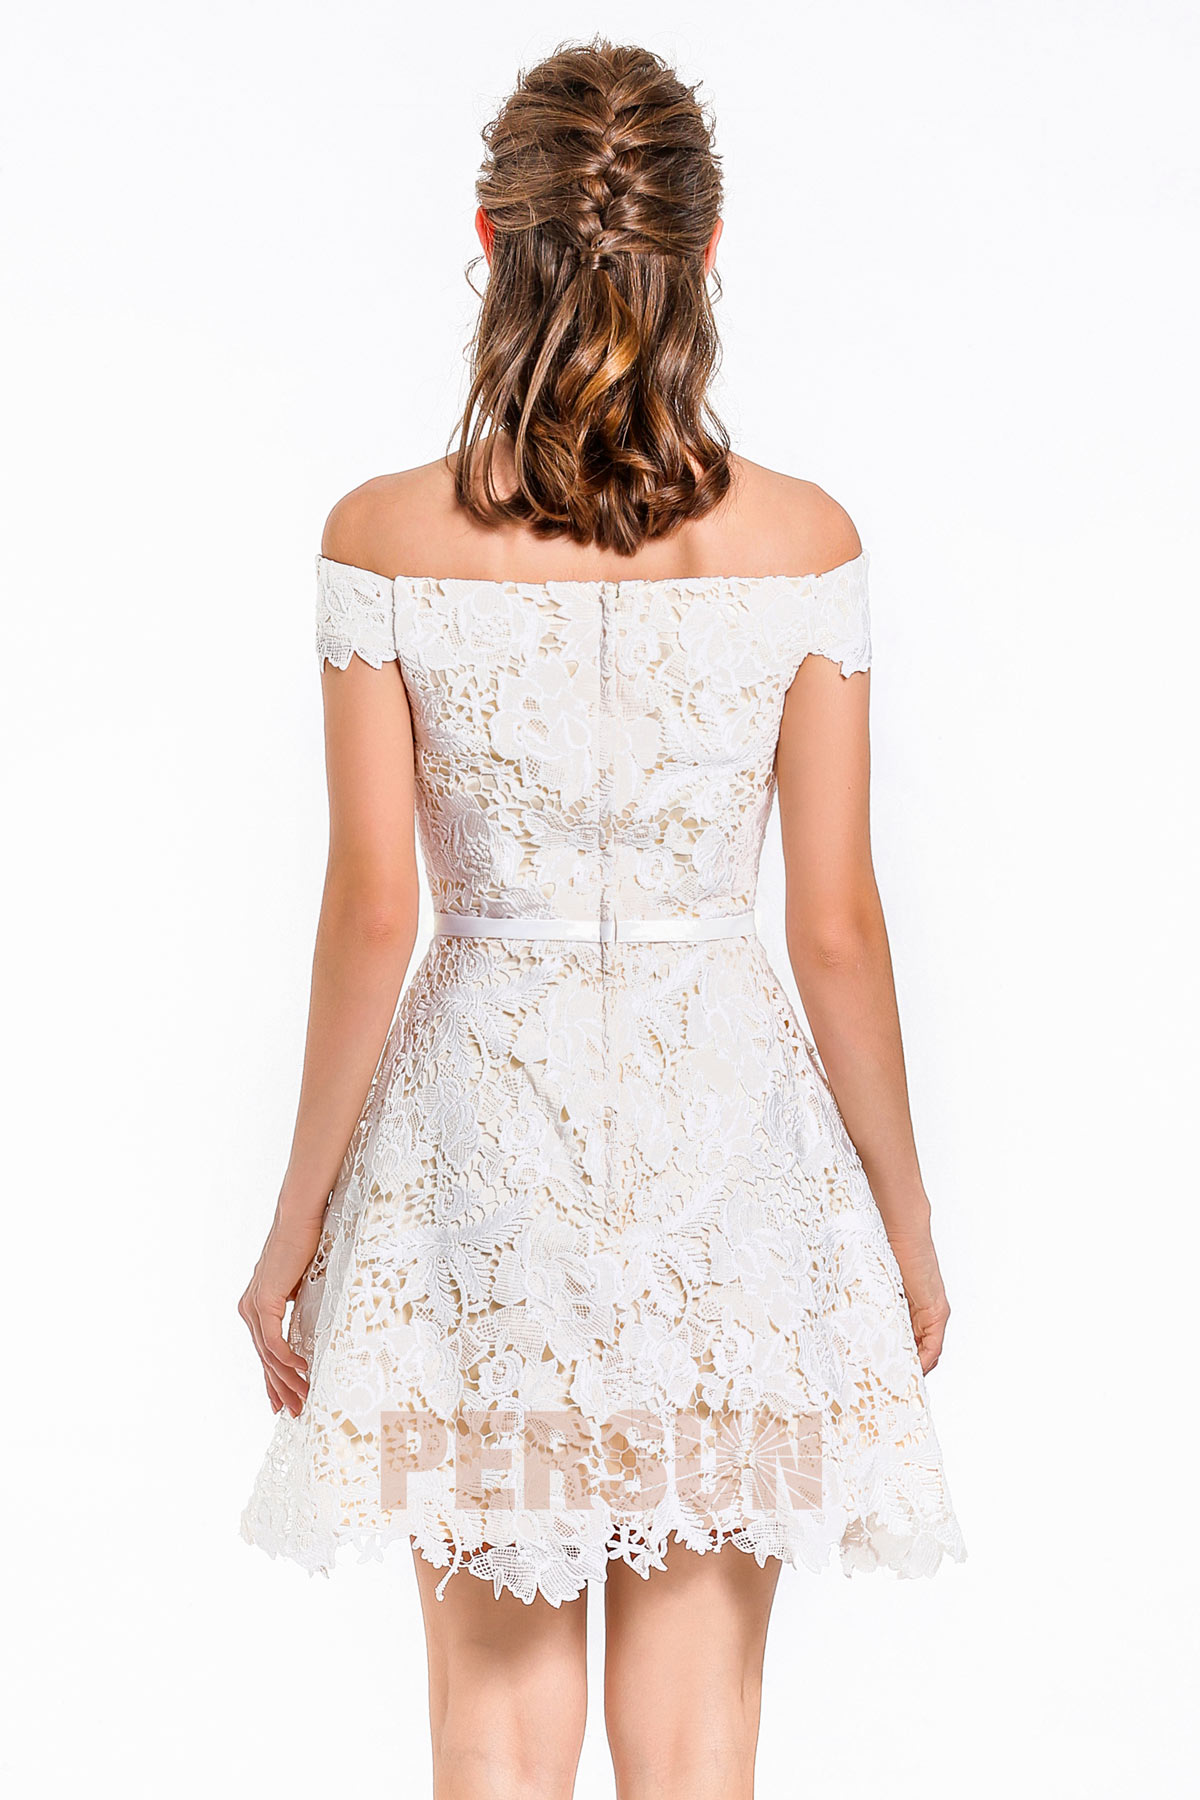 Chic robe mini épaule dégagée en dentelle & taille cintrée